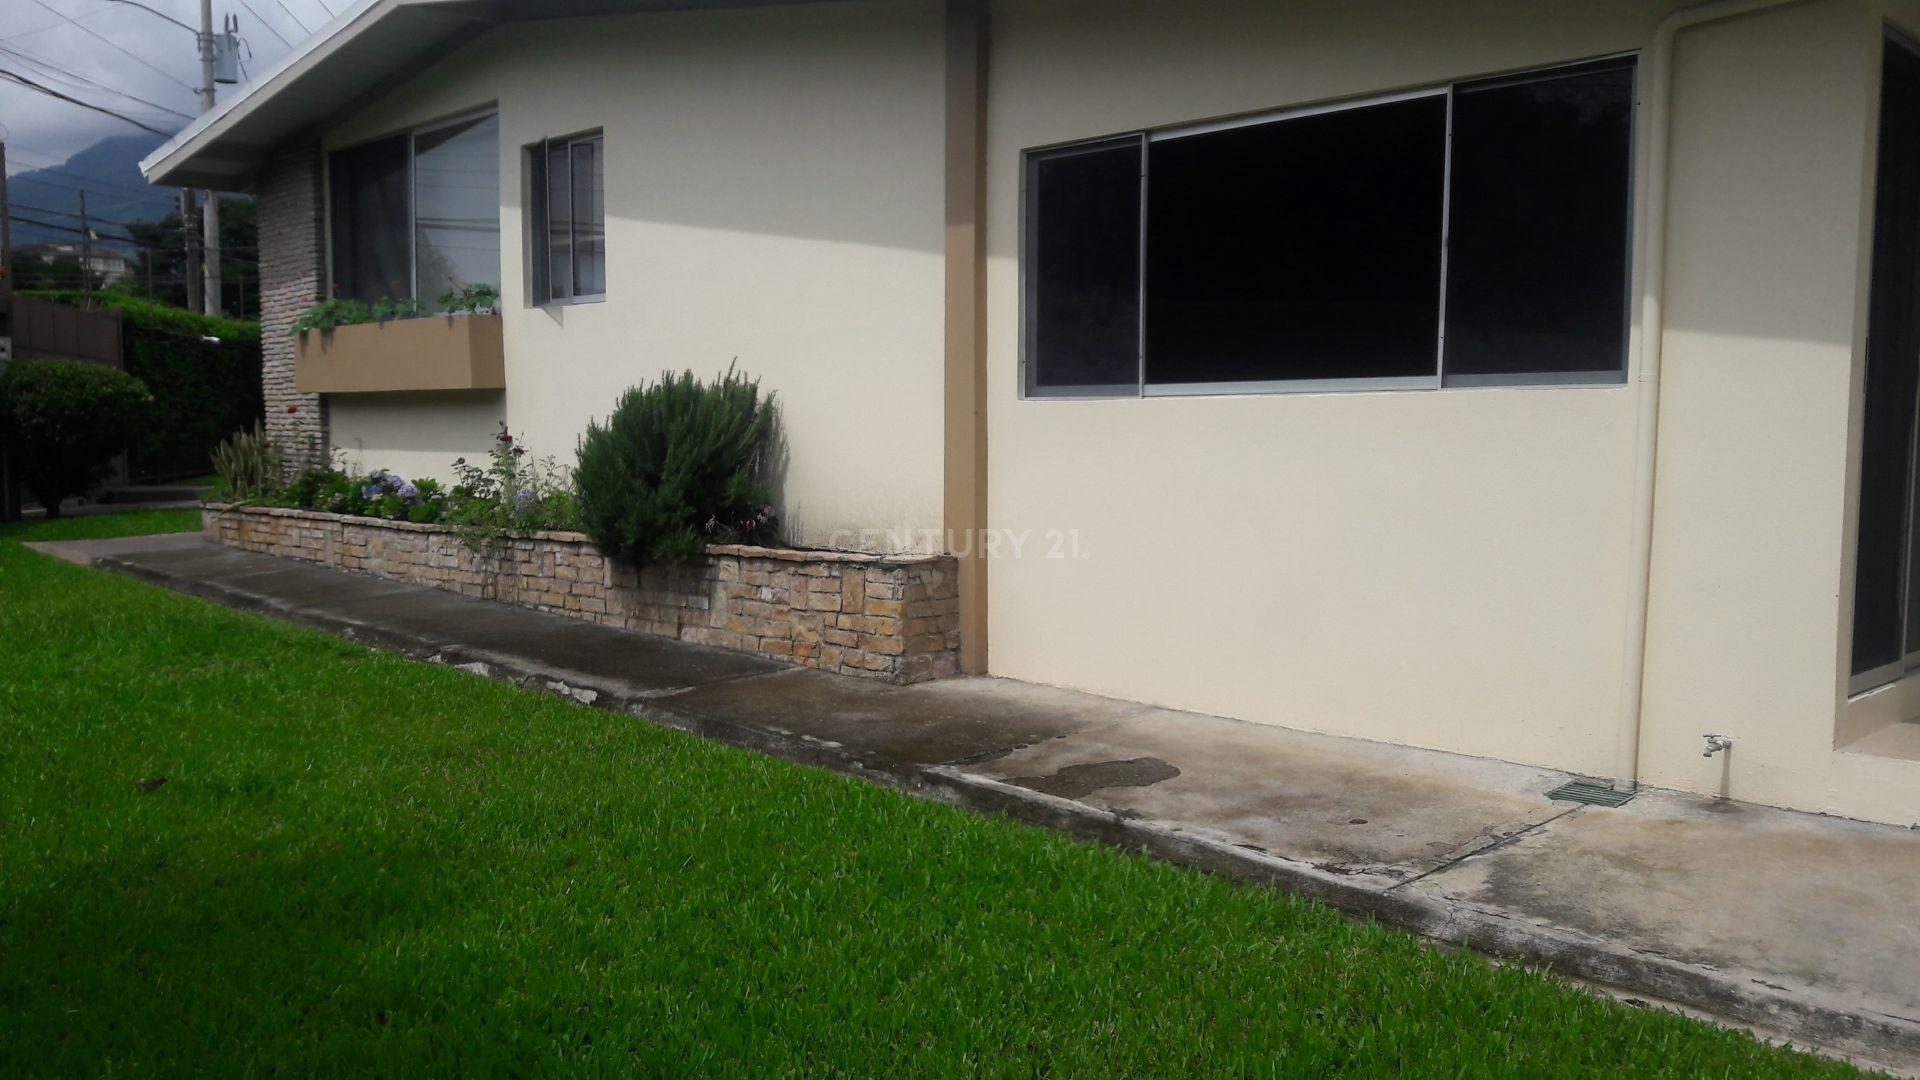 Se vende espaciosa y moderna casa, Los Laureles Escazú, $595,000